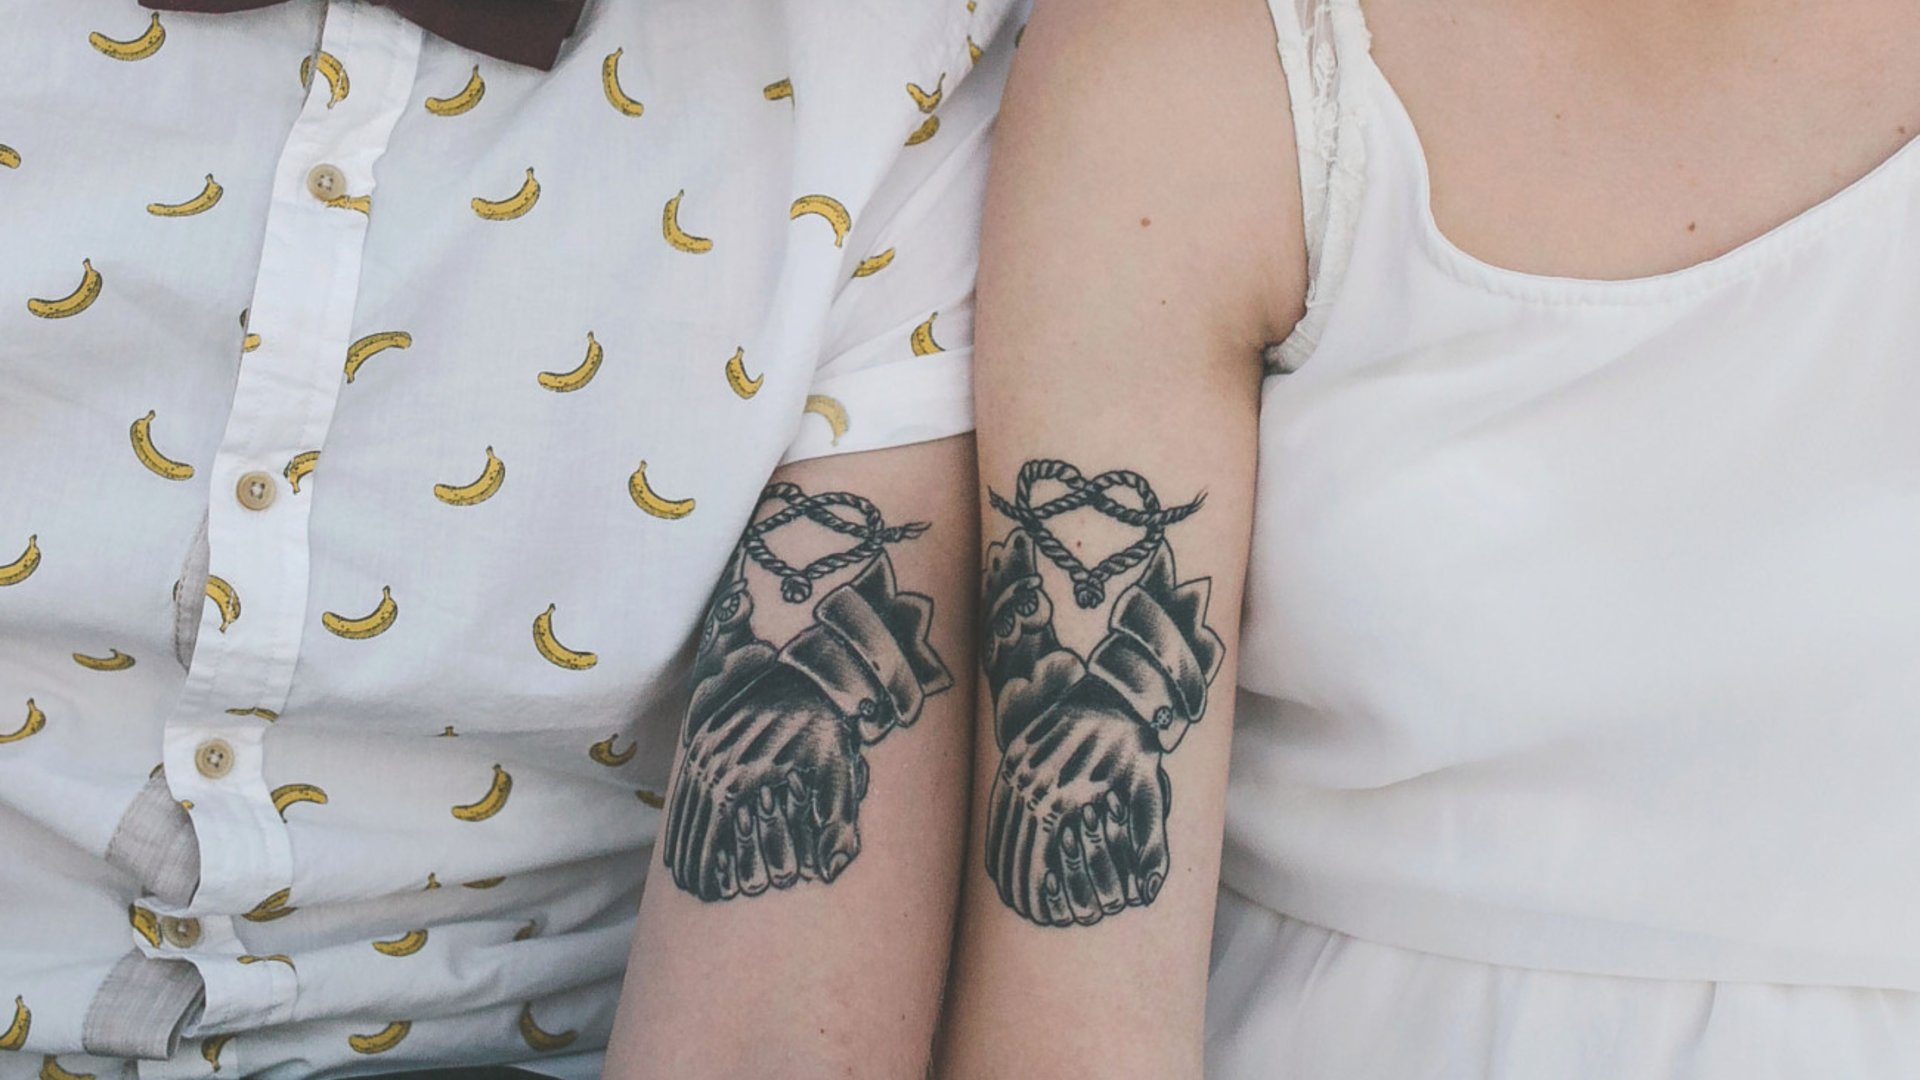 Fürs handgelenk sprüche tattoo Tattoo Sprüche